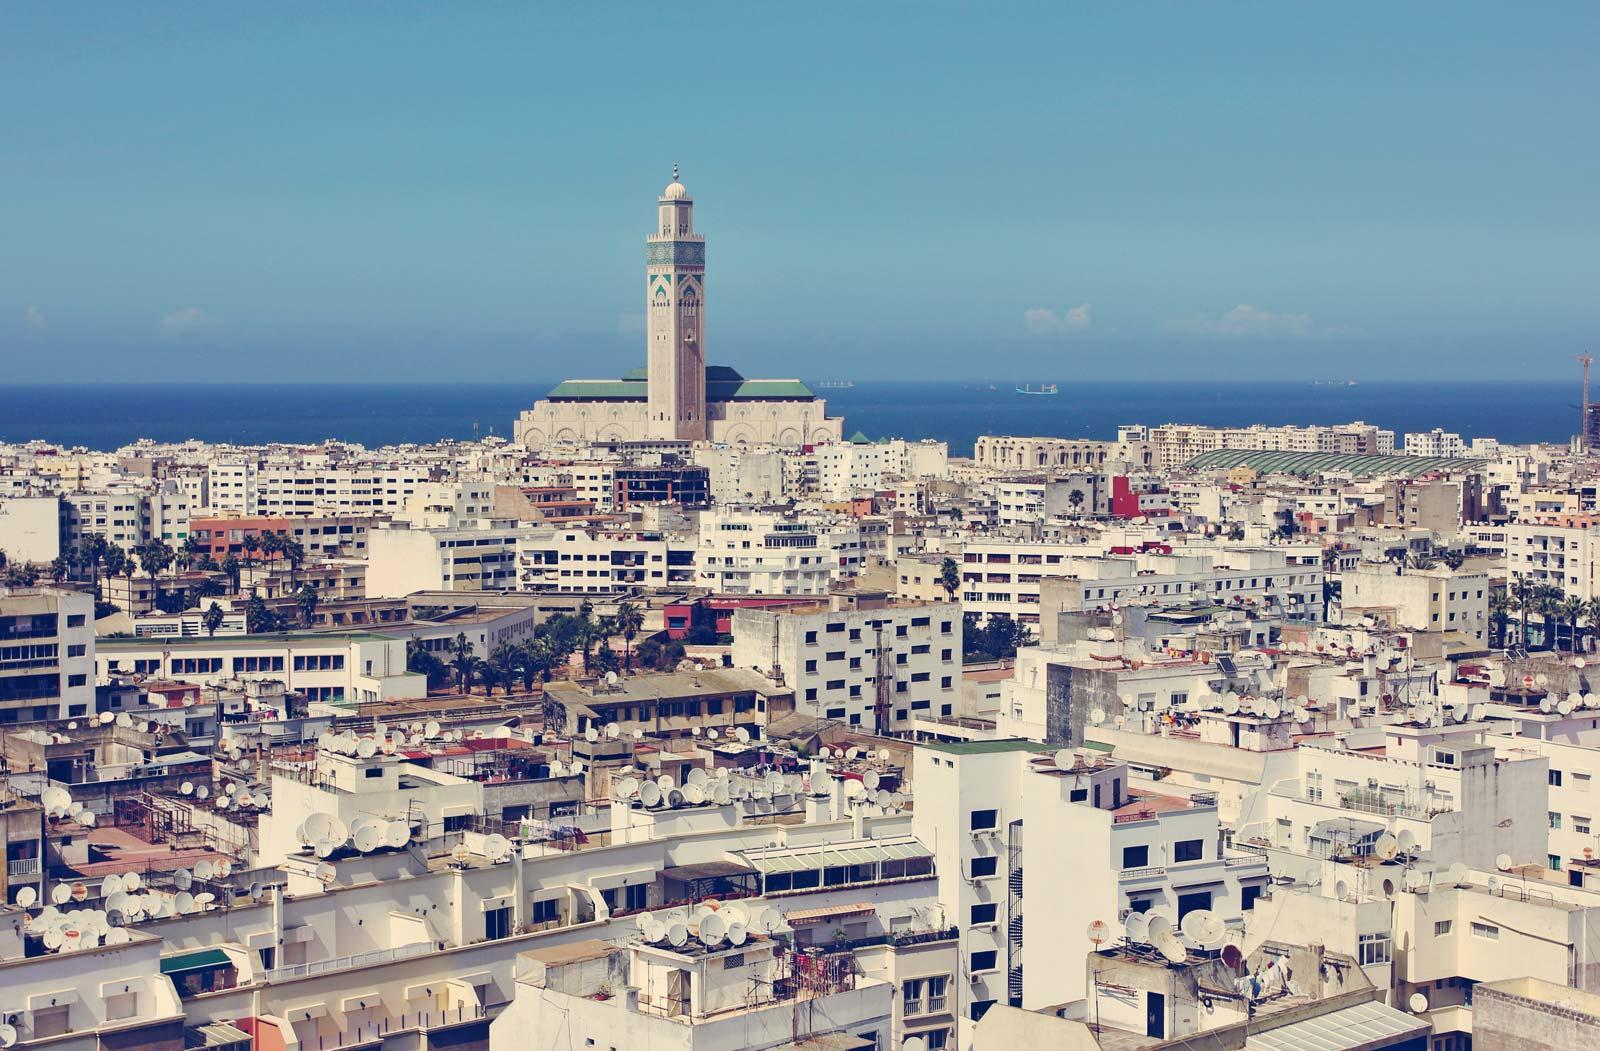 شهر زیبای کازابلانکه مراکش-بوکینگ